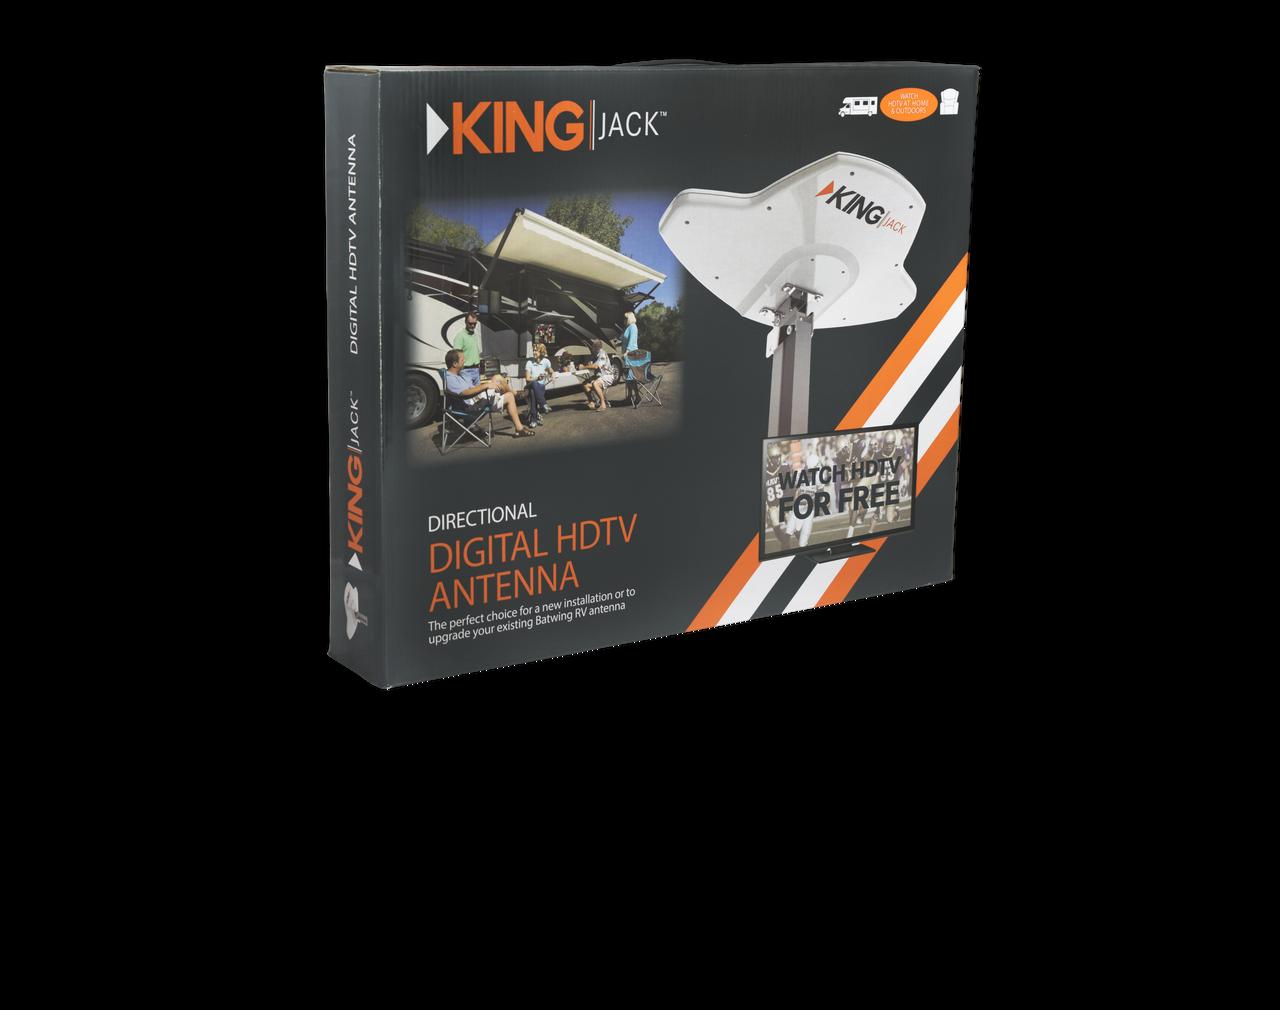 KING Jack™ OTA HDTV Home/RV Mount